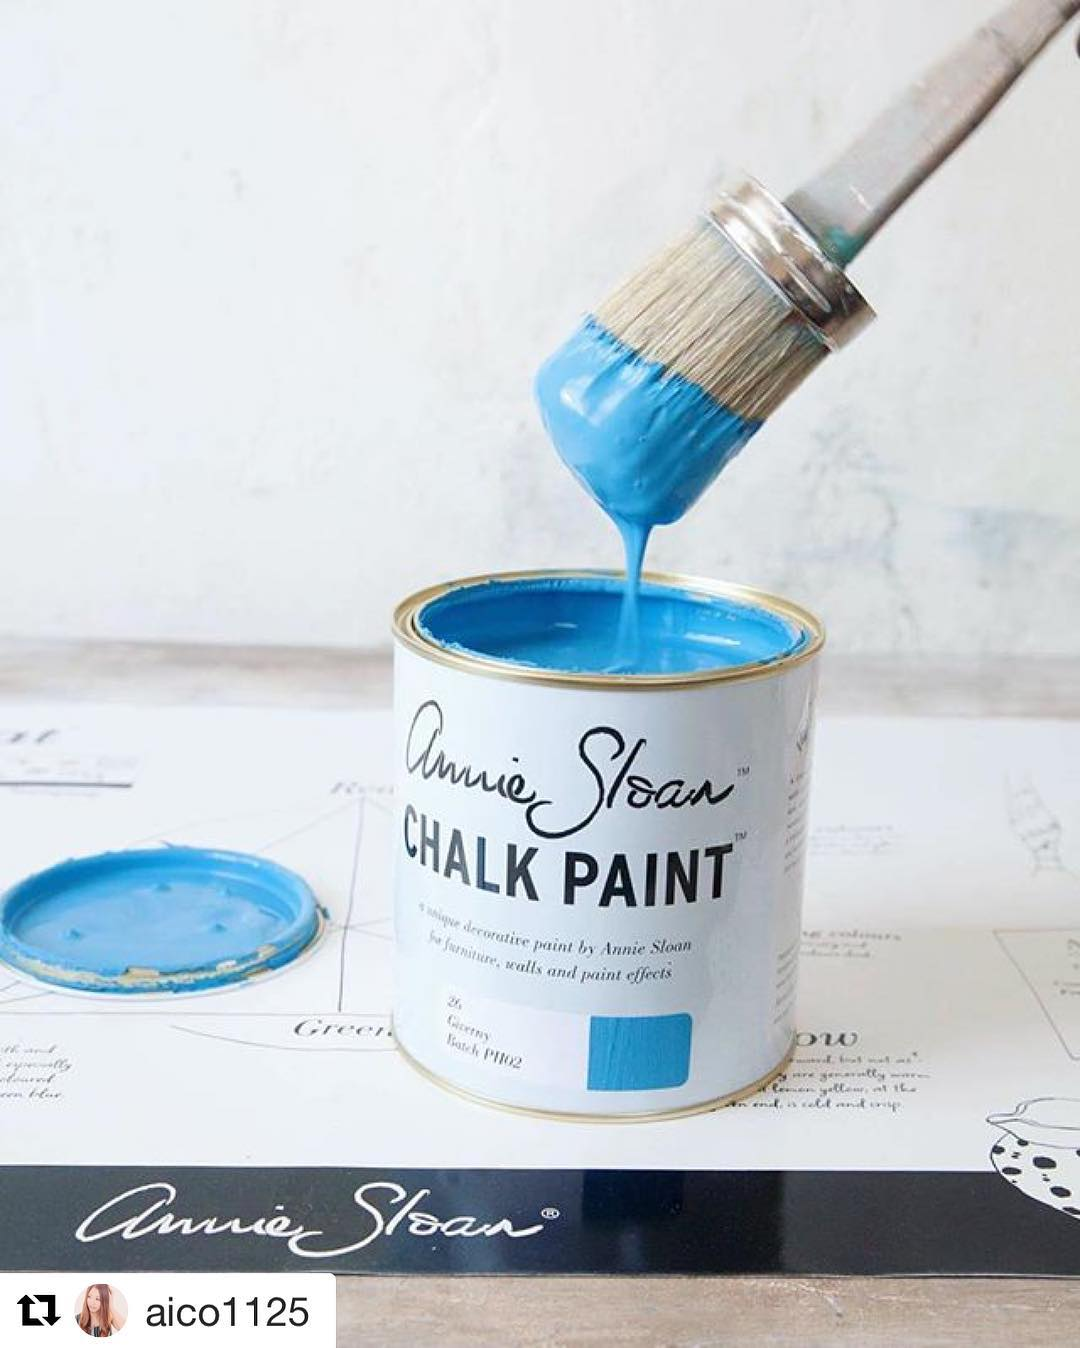 塗装を業者に頼んだ際によくあるトラブル集。依頼する際のチェックポイントとして参考にしてみてください。